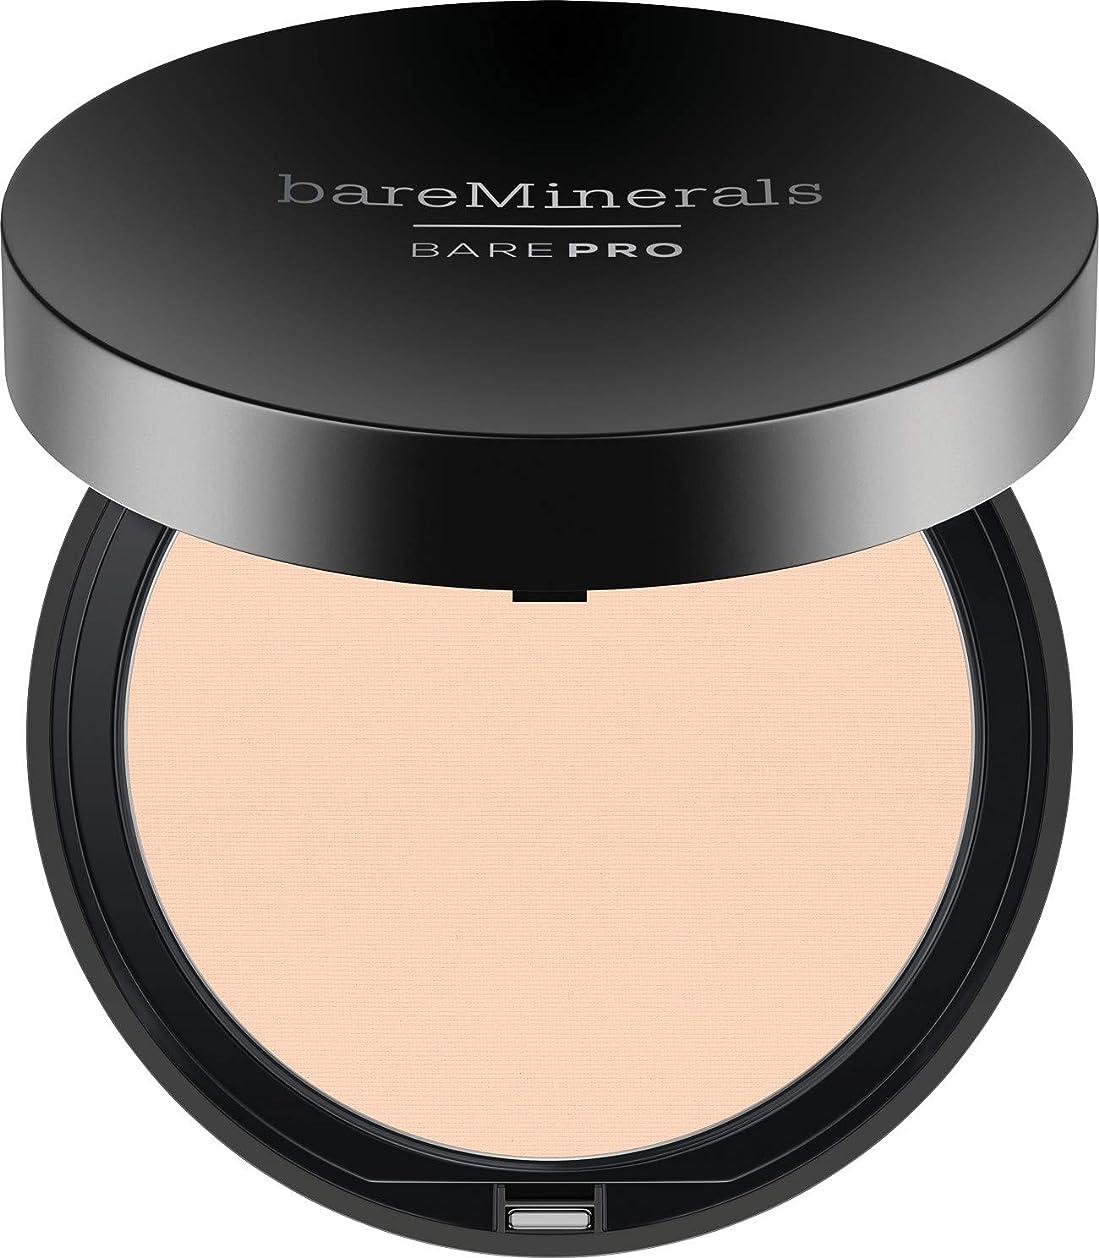 ベアミネラル BarePro Performance Wear Powder Foundation - # 01 Fair 10g/0.34oz並行輸入品